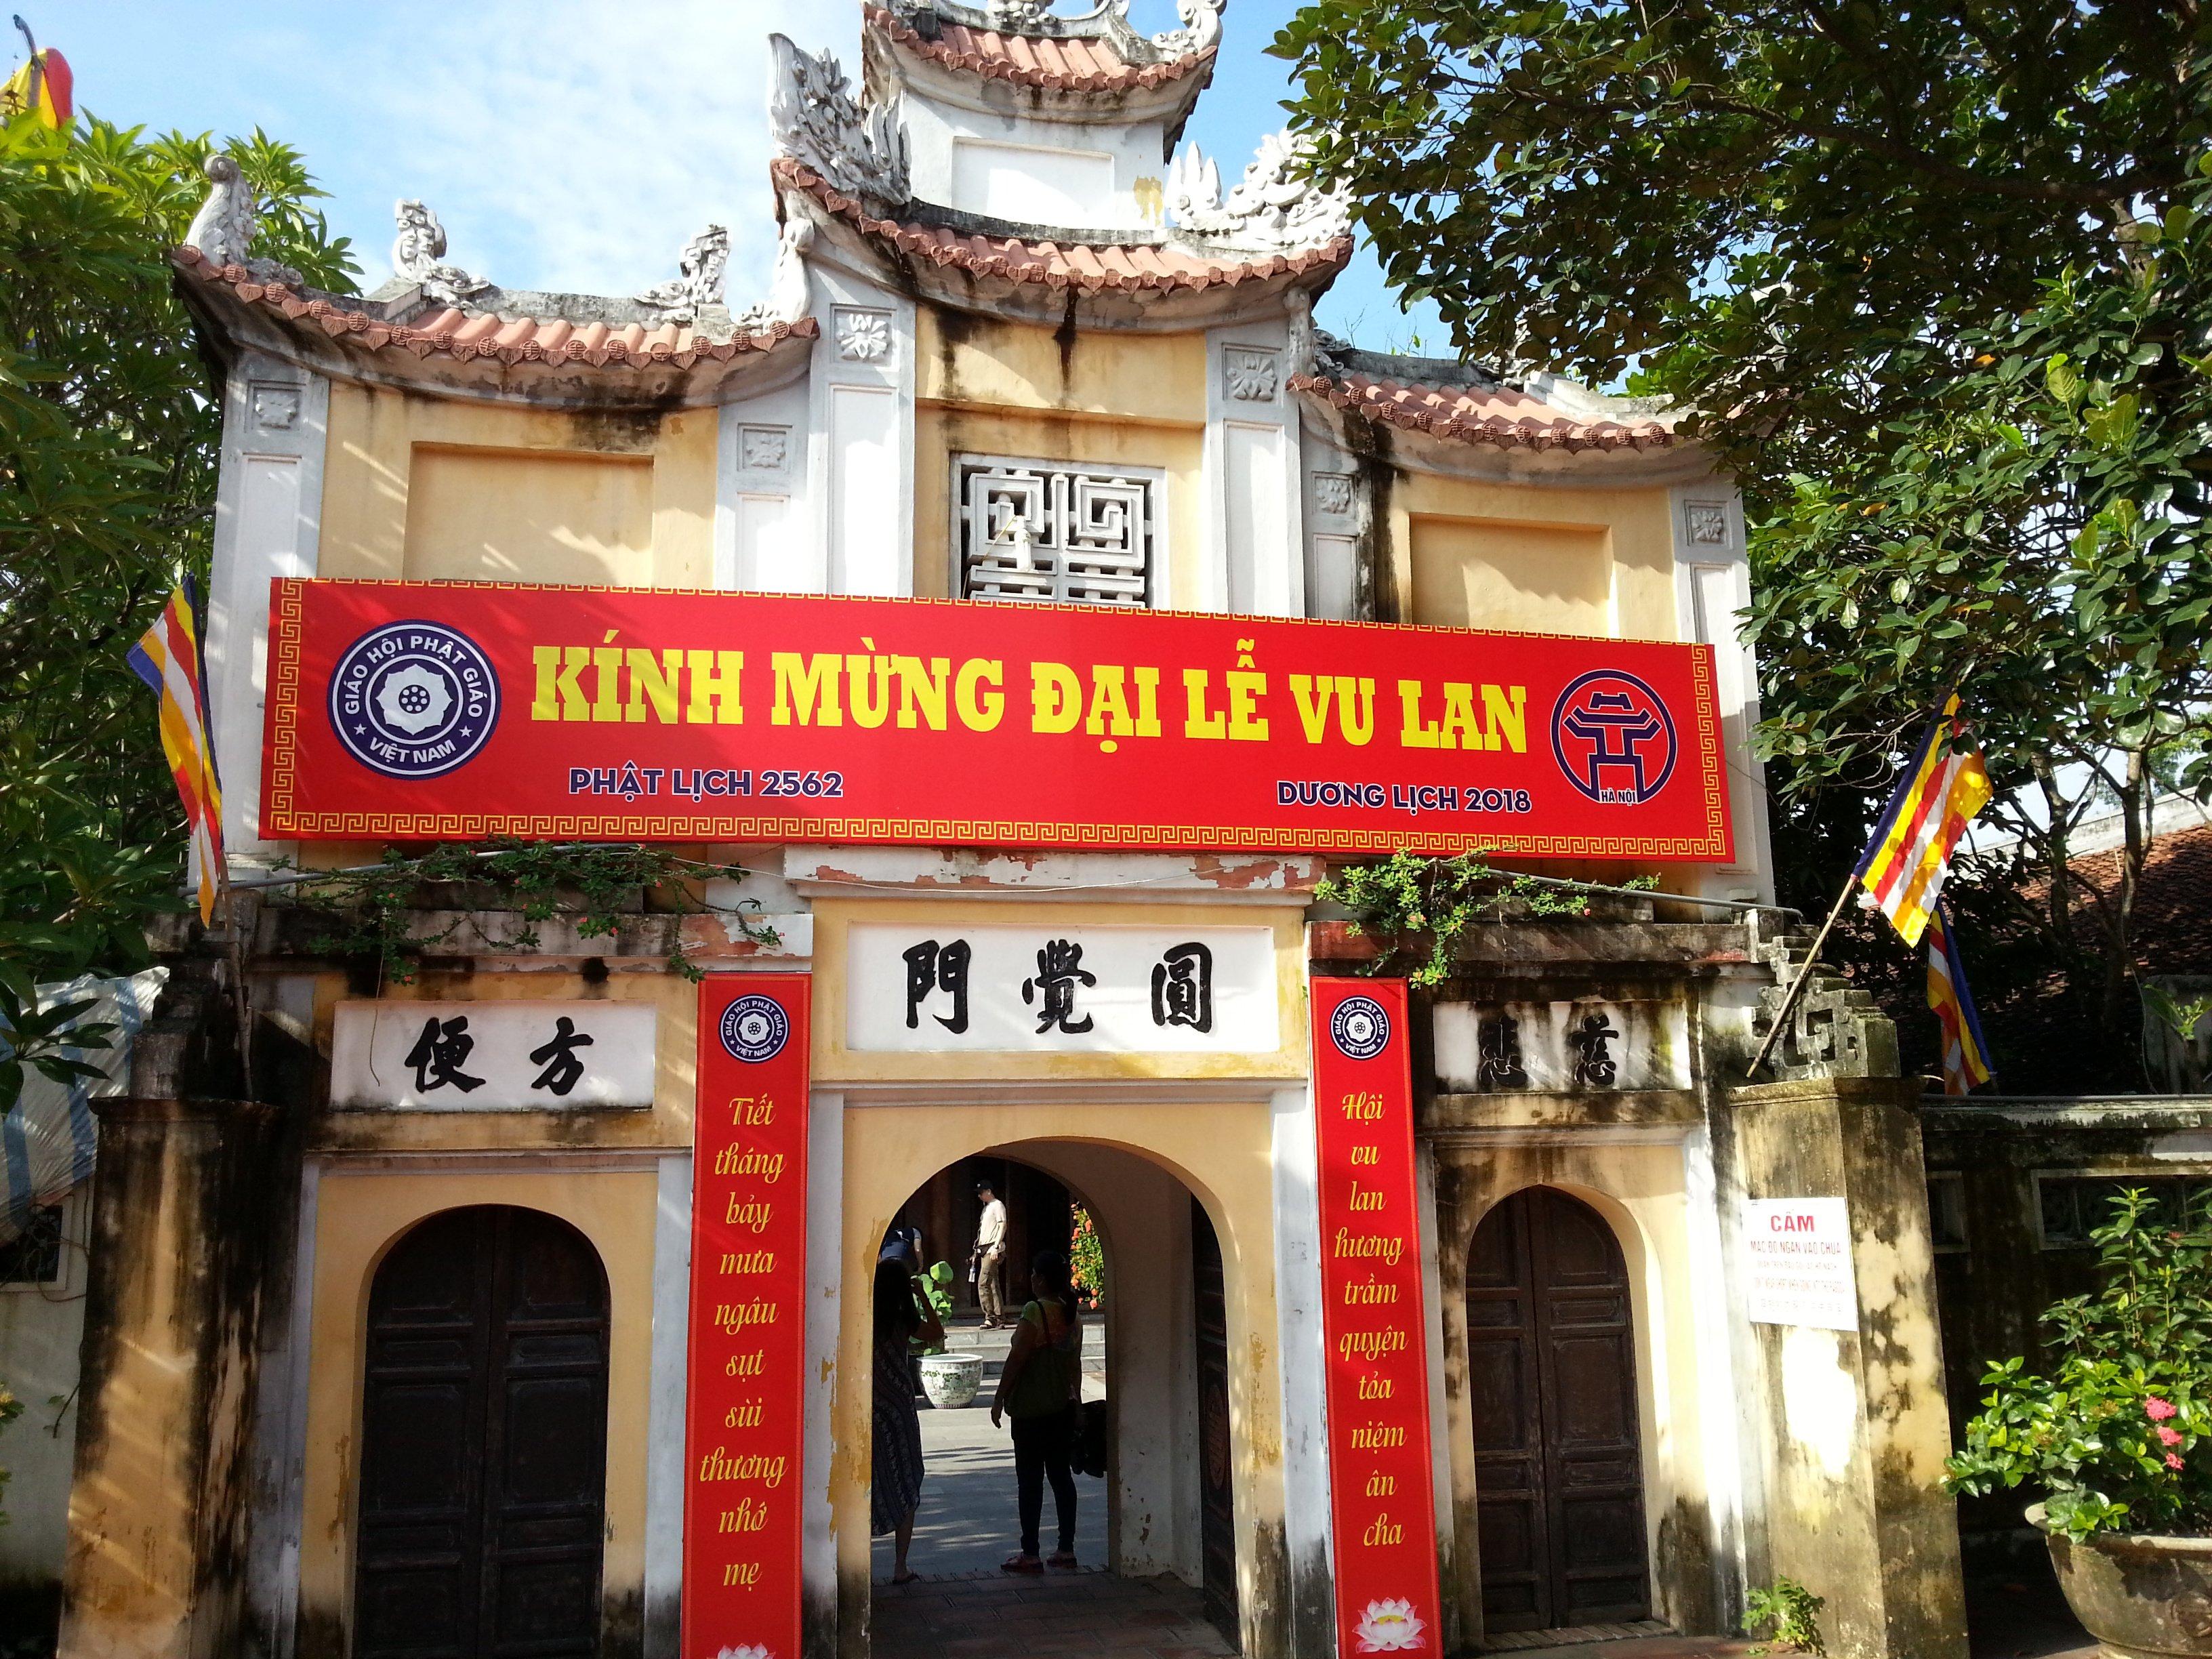 Chua Dien Huu Temple in Hanoi